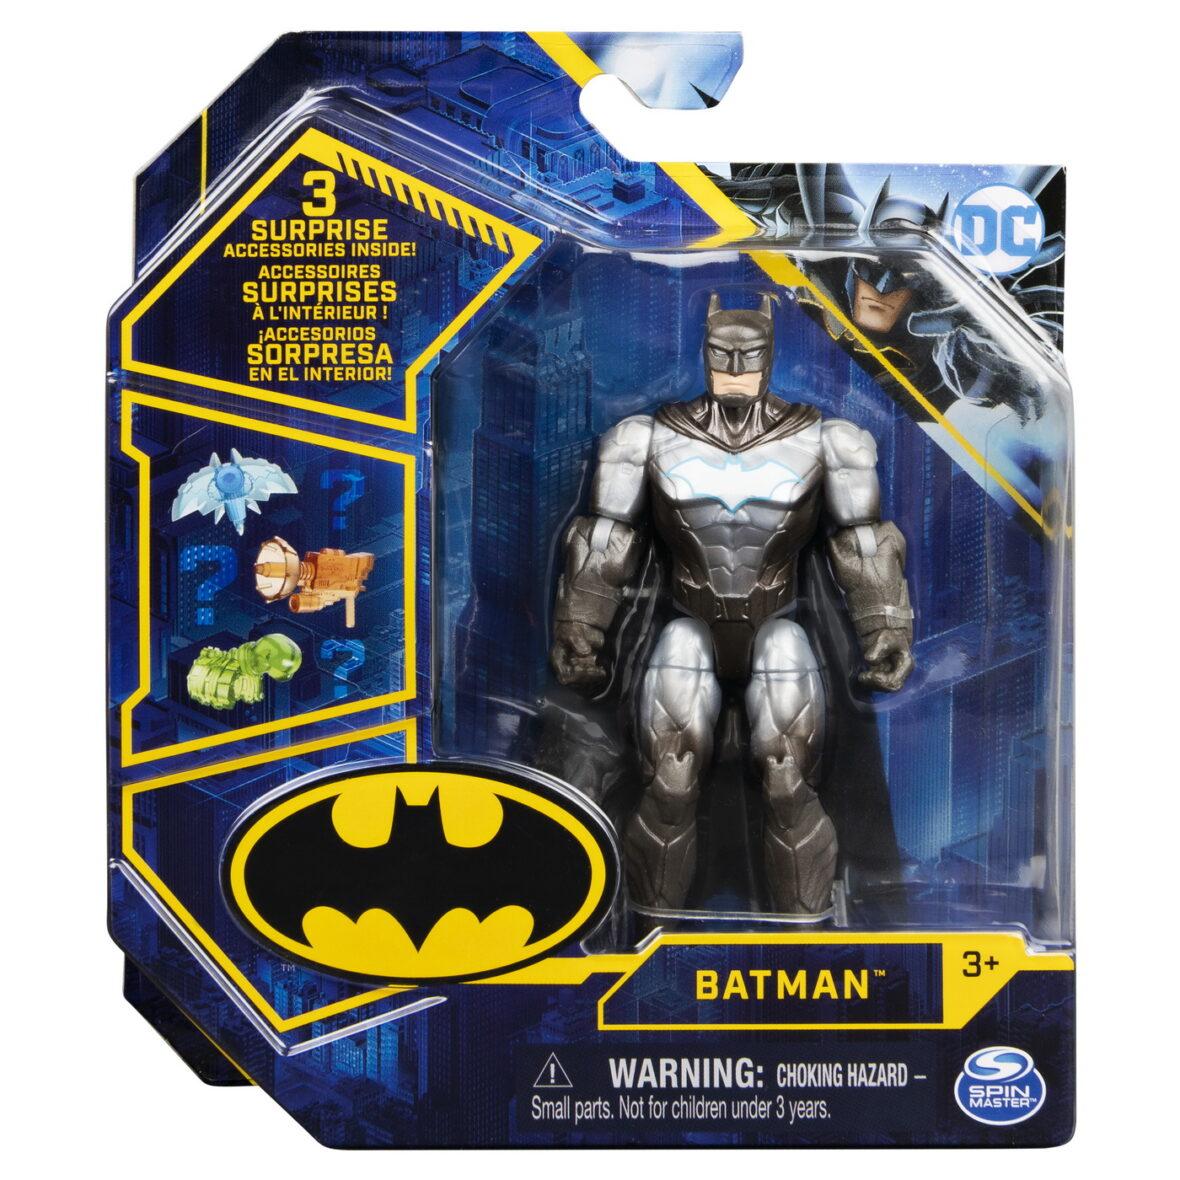 Figurina Batman Cu Costum Cu Armura Si Articulata 10cm Cu 3 Accesorii Surpriza